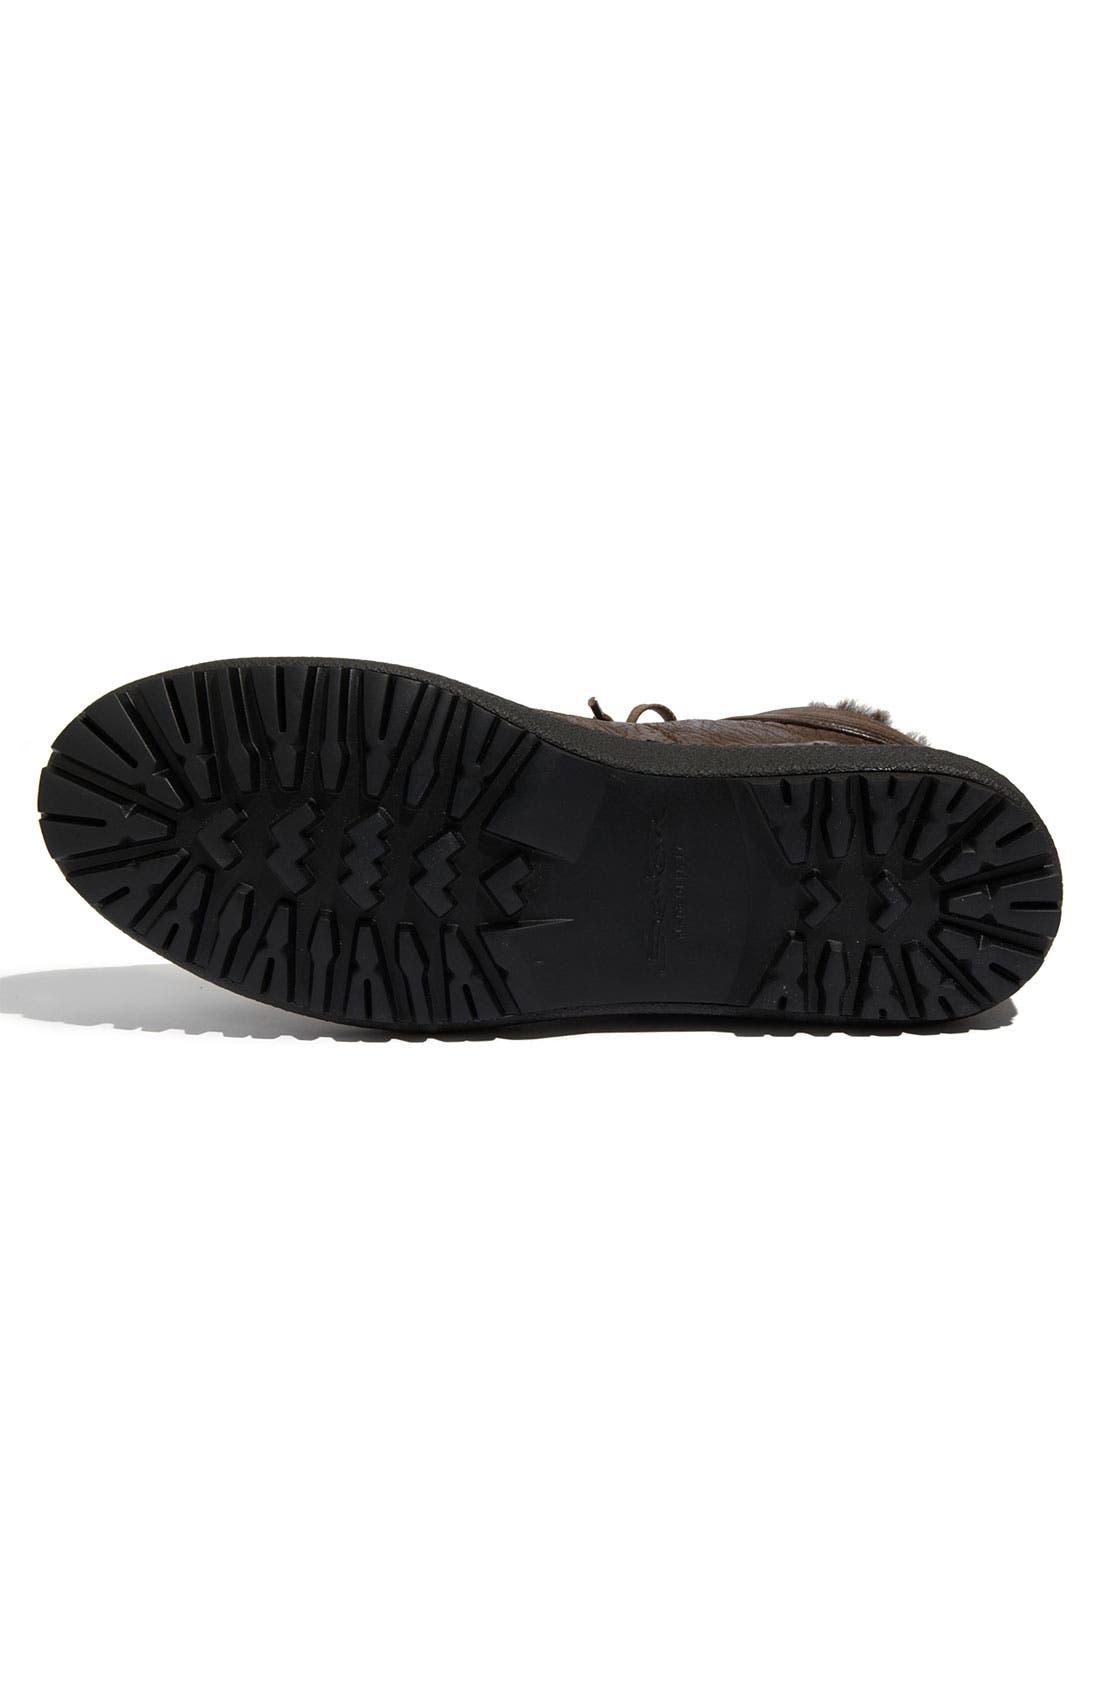 Alternate Image 4  - Santoni 'Dorado' Shearling Trimmed Sneaker